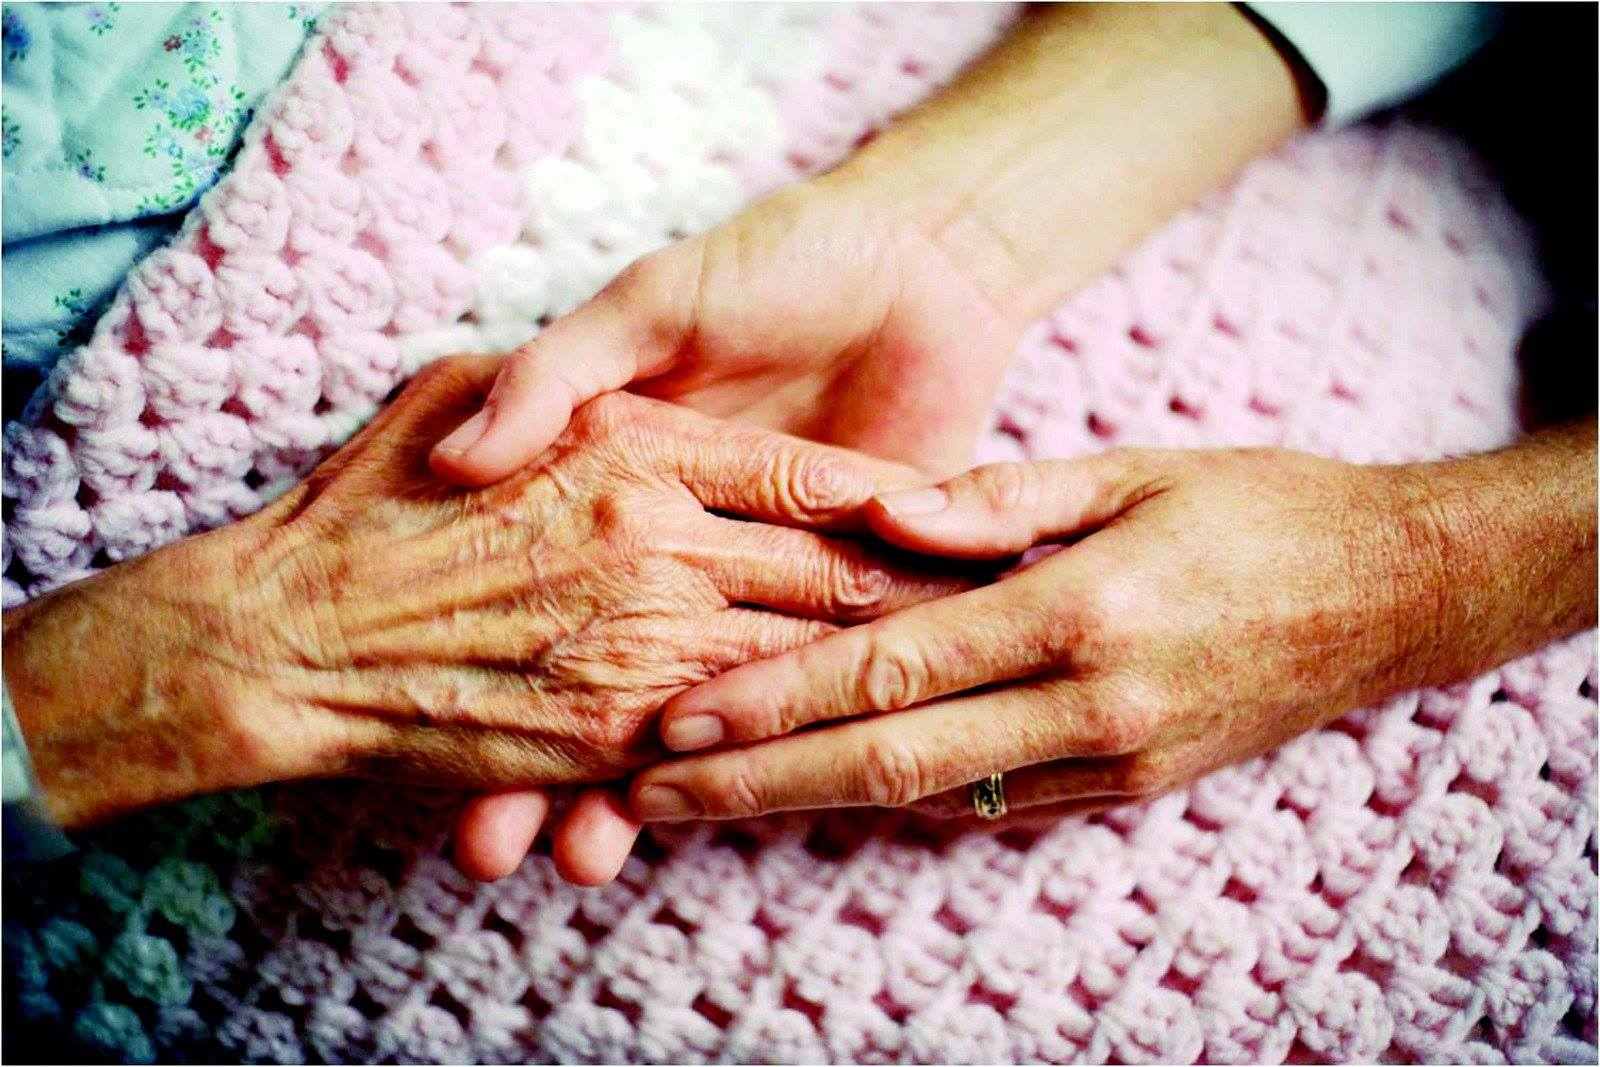 Cuidados paliativos © Fundación Vianorte-Laguna